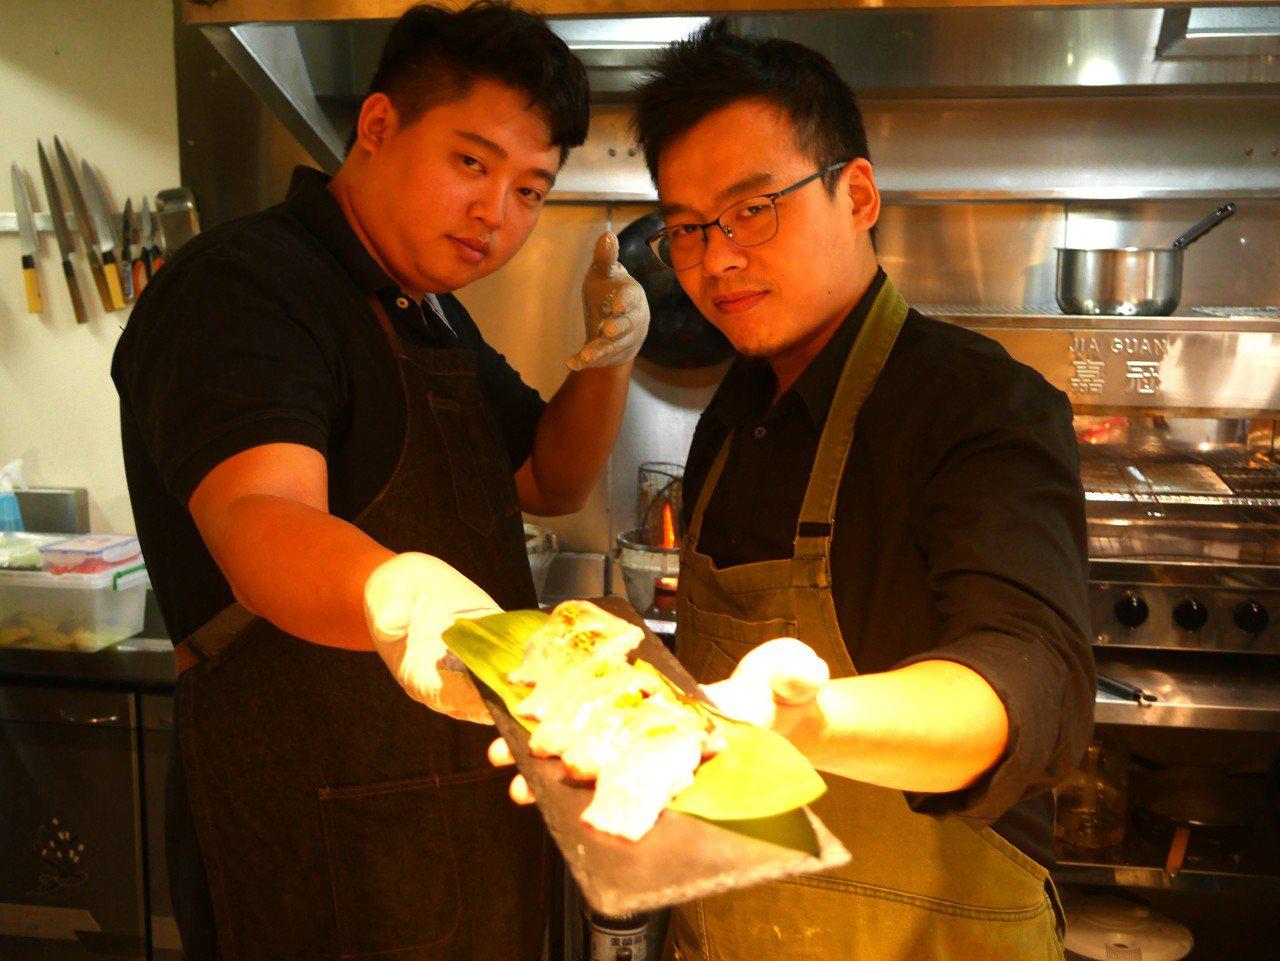 「食考房x美崎牛」餐廳就在碧砂漁港旁,他們還有招牌出菜手勢。記者吳淑君/攝影